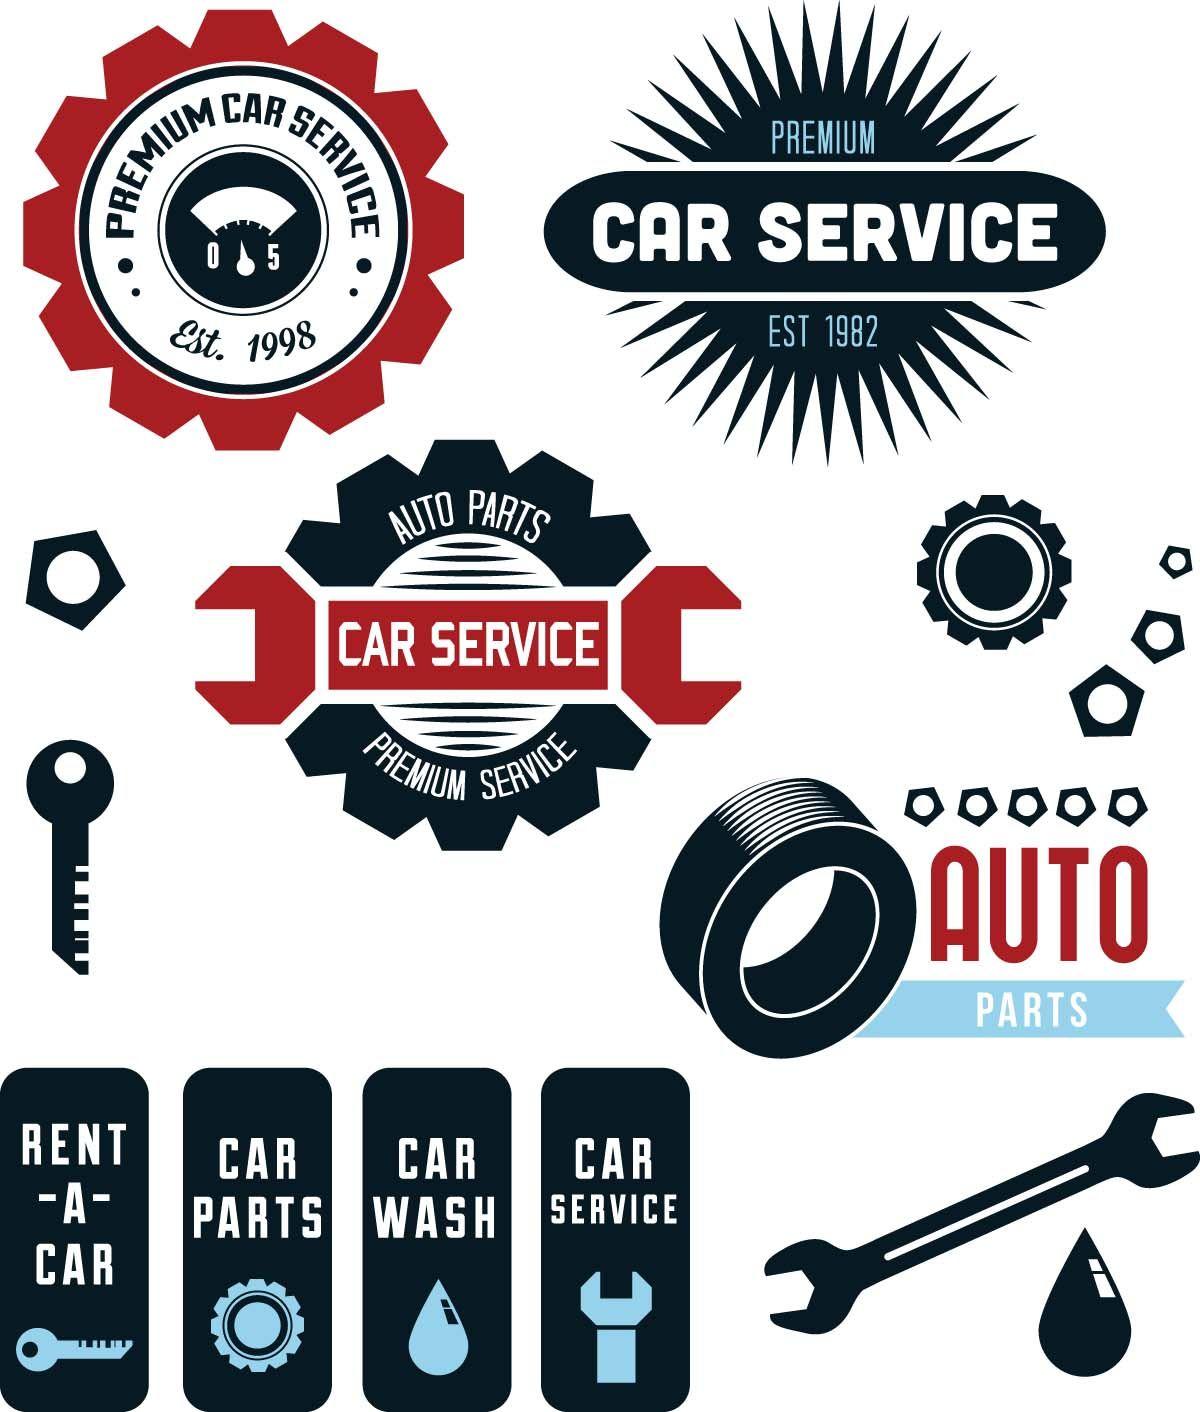 Car service repair shop set vector FREE Vectors,Cards